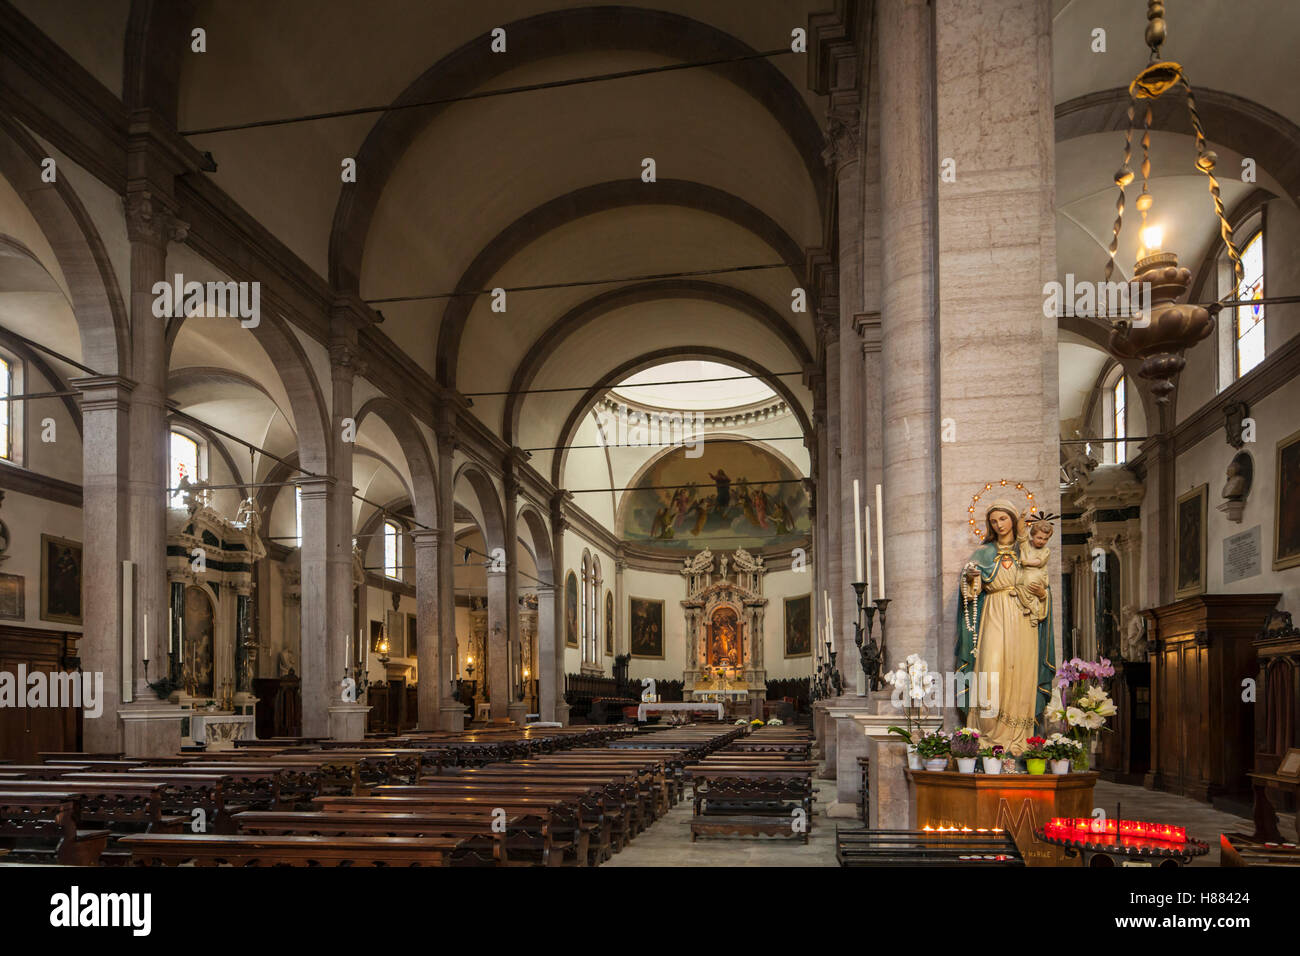 Interior of Basilica Minore di San Martino in Belluno, northern Italy. - Stock Image